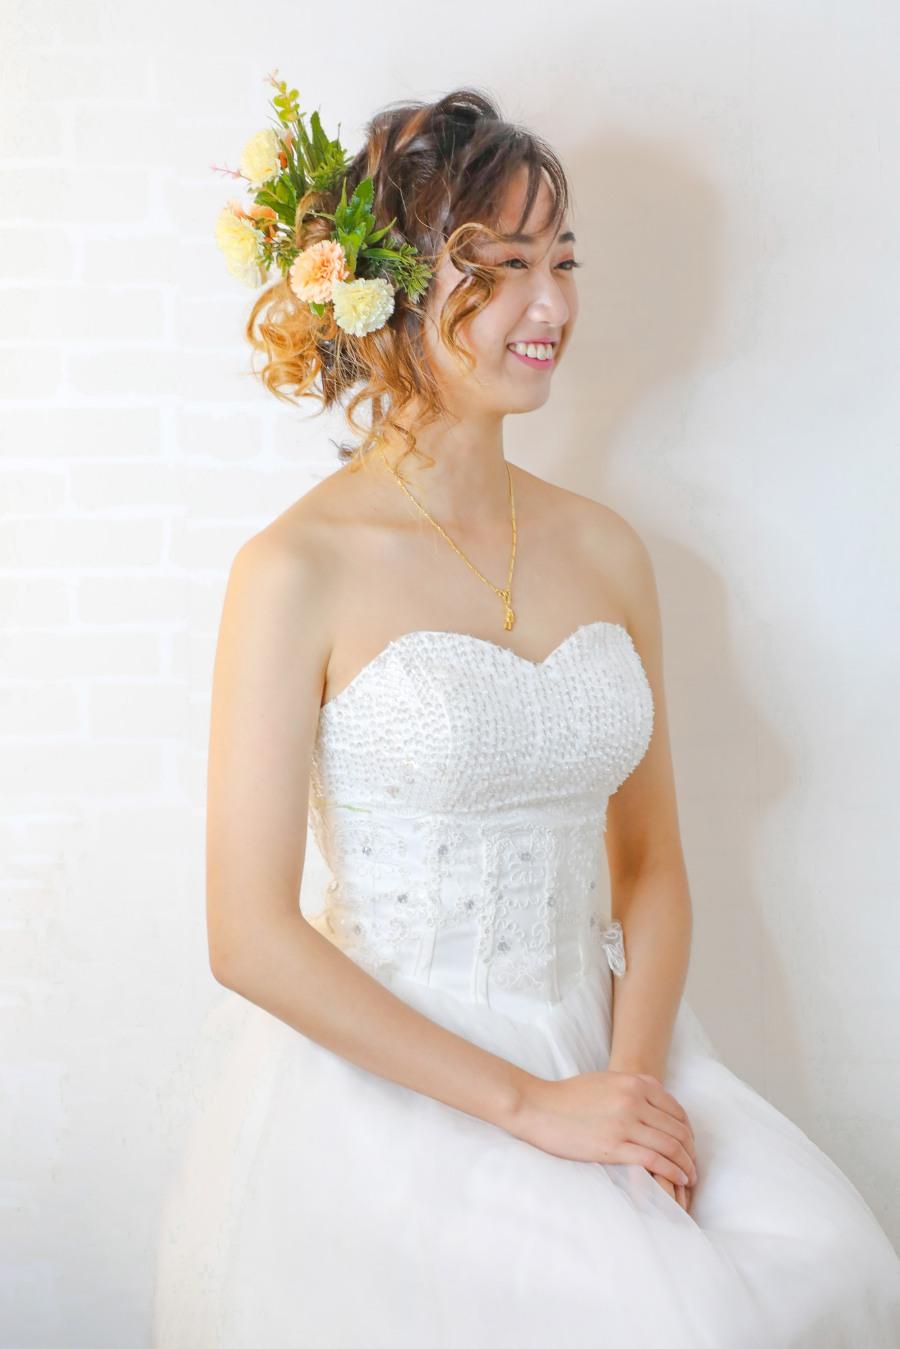 新娘化妝髮型攝影_bridal_wedding_makeup_hairstyling_Top_MUA_paulstylist_photography_hk_priscilla-3